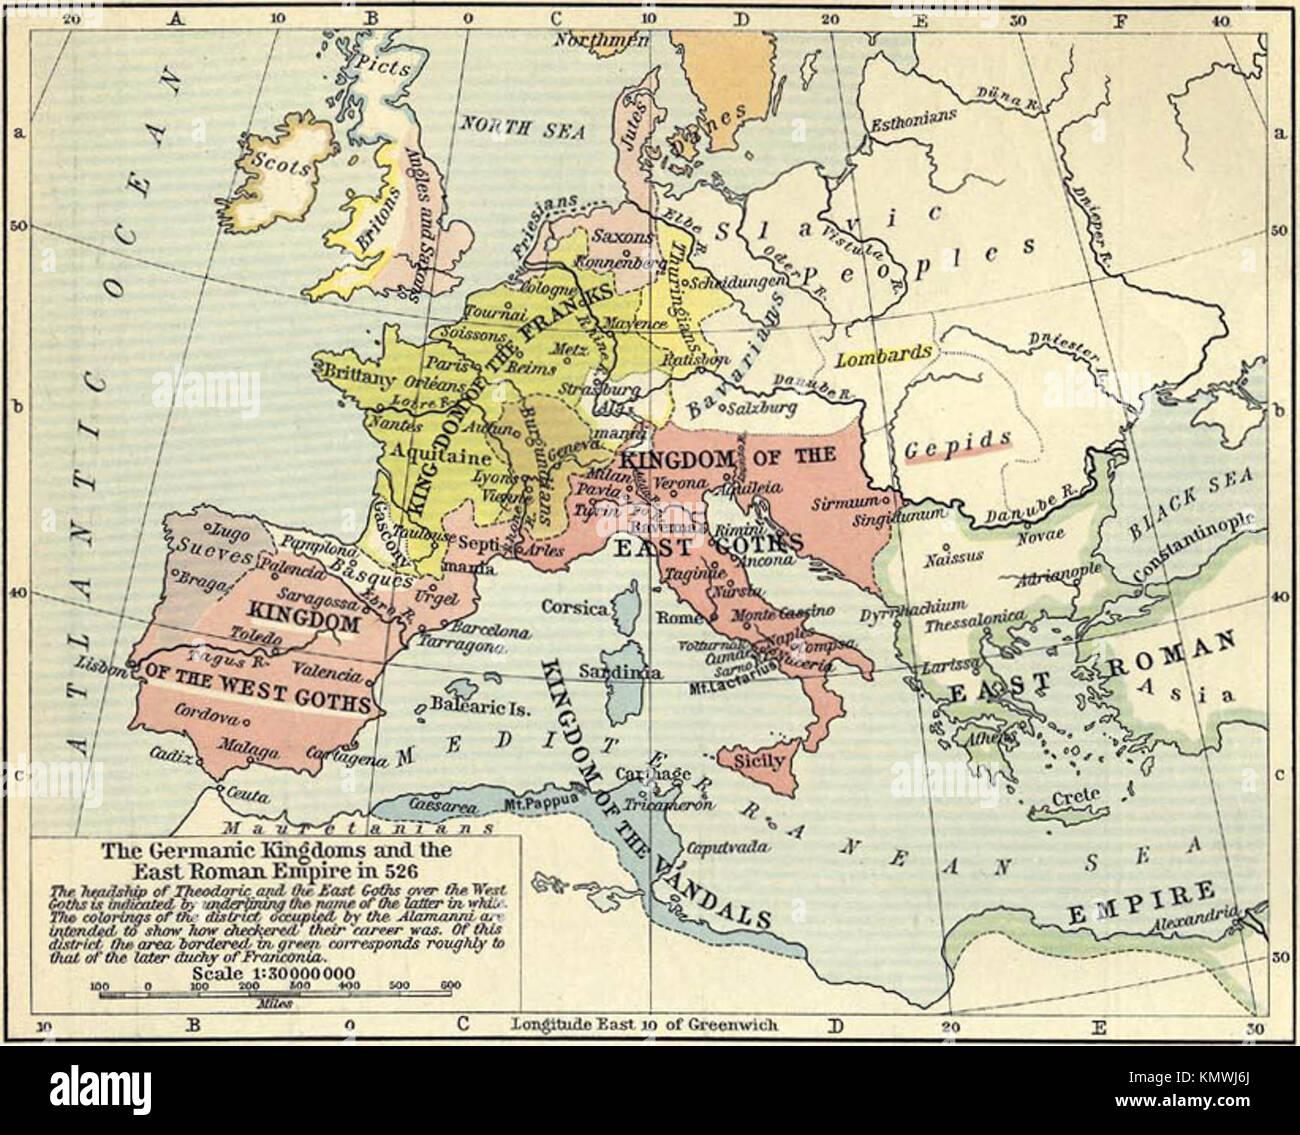 Royaumes germaniques dépeint à travers l'Europe ainsi que l'empire romain en 526. Photo Stock